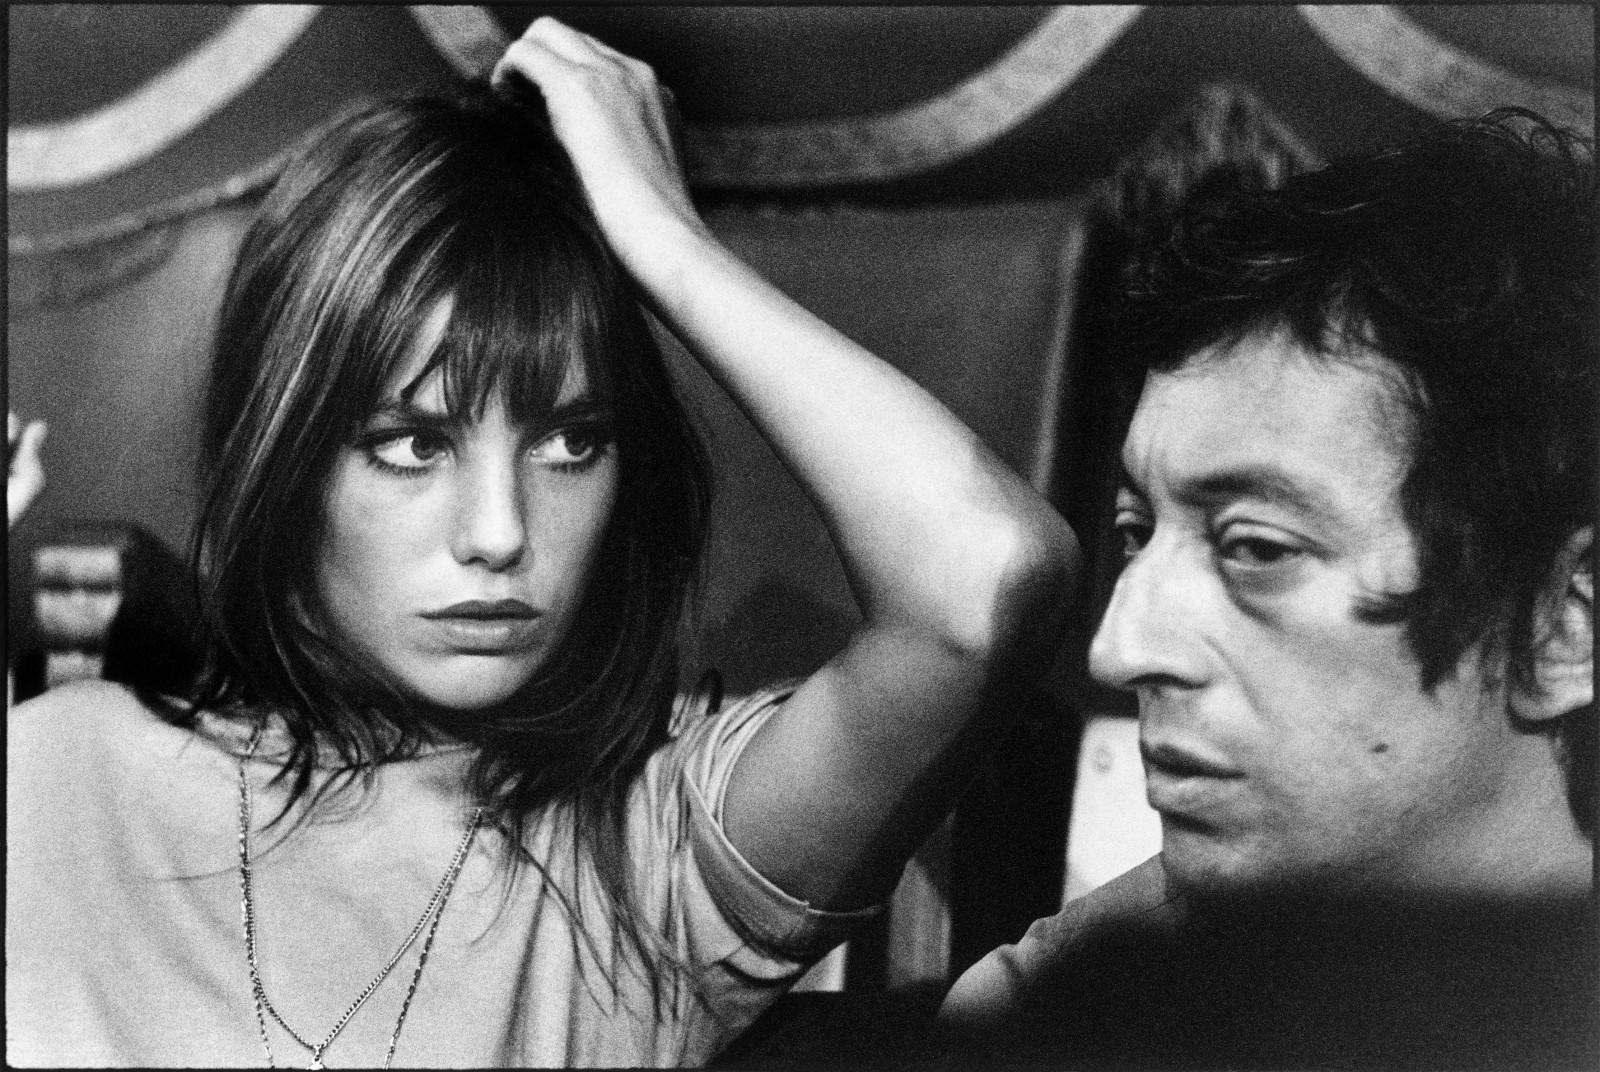 La exhibición de Serge Gainsbourg en París